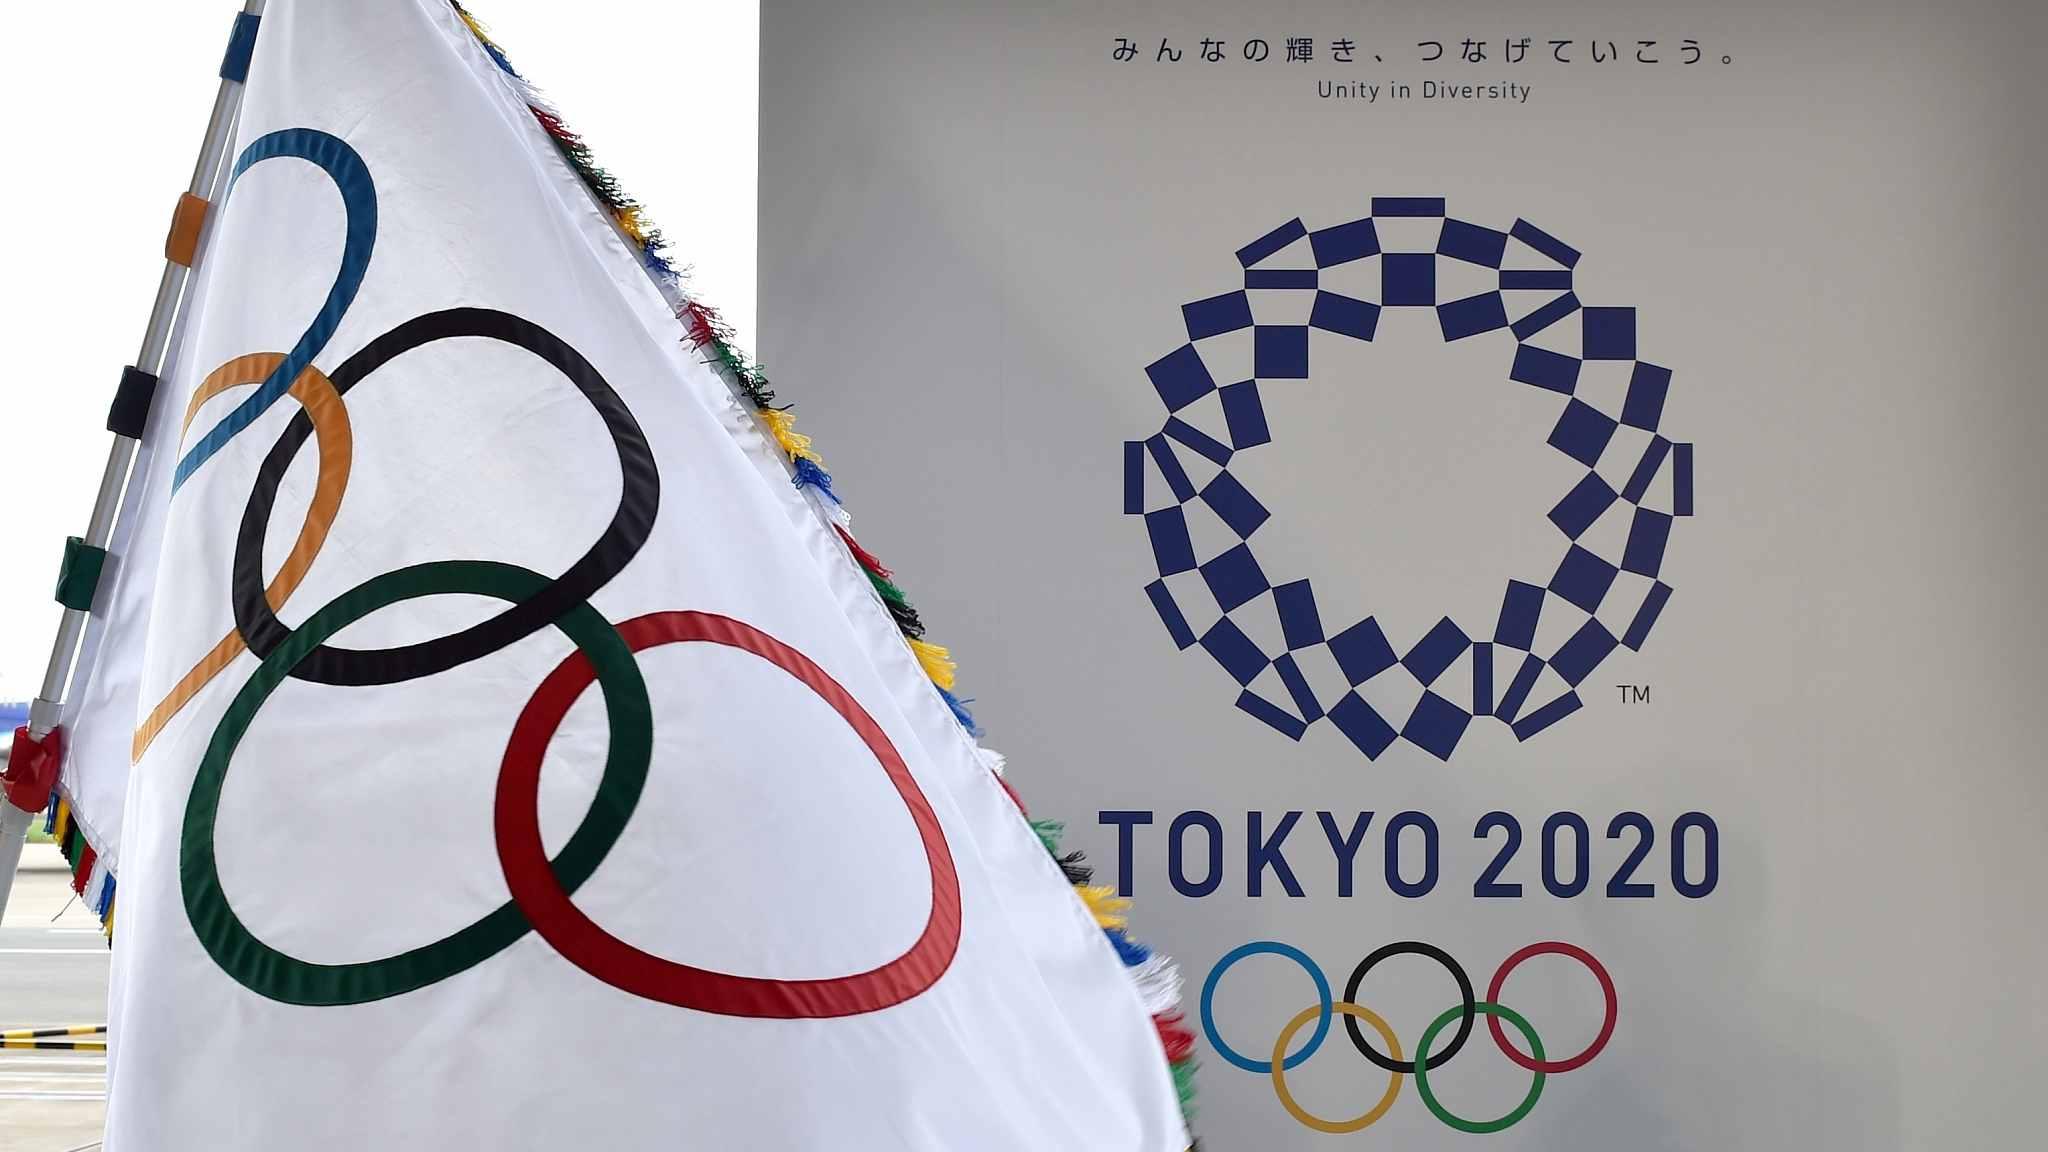 Calendario Tornei Atp 2020.Tokyo 2020 L Itf Modifica Il Regolamento Del Torneo Olimpico